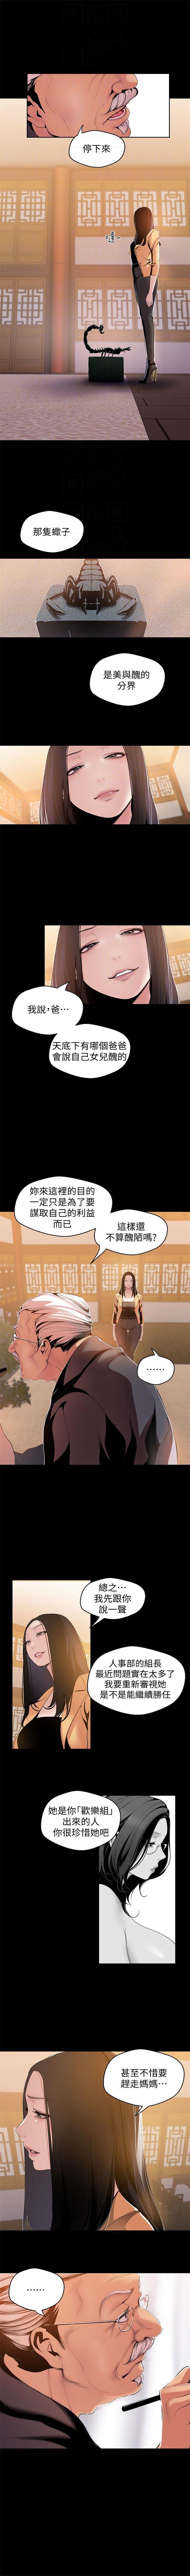 美麗新世界 1-85 官方中文(連載中) 412